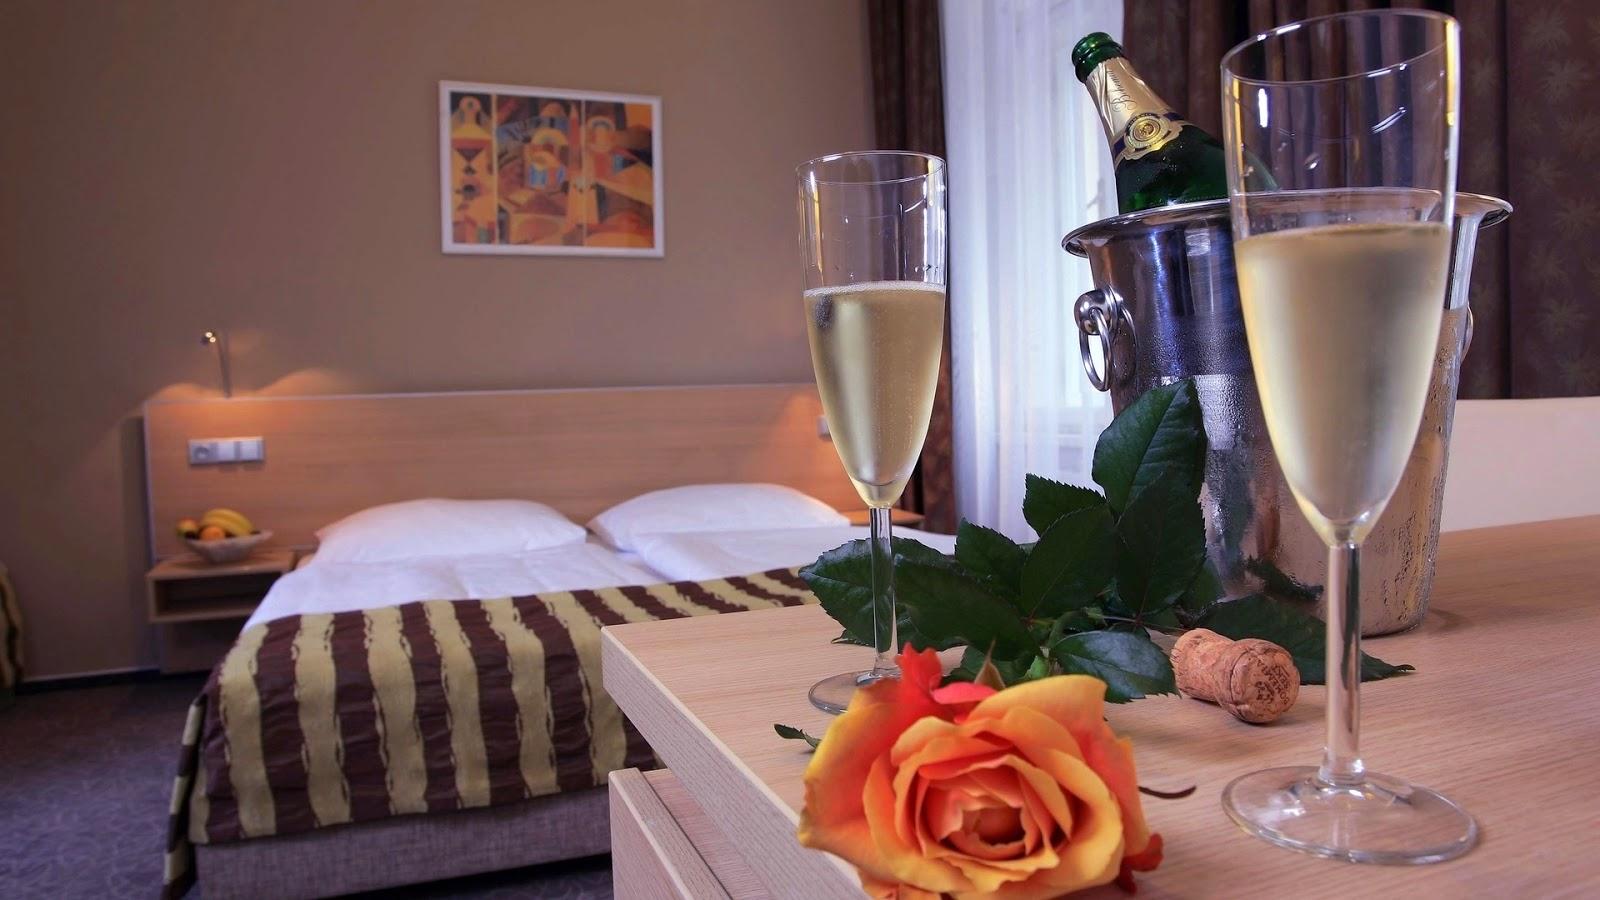 Liefdes wallpaper met champagne